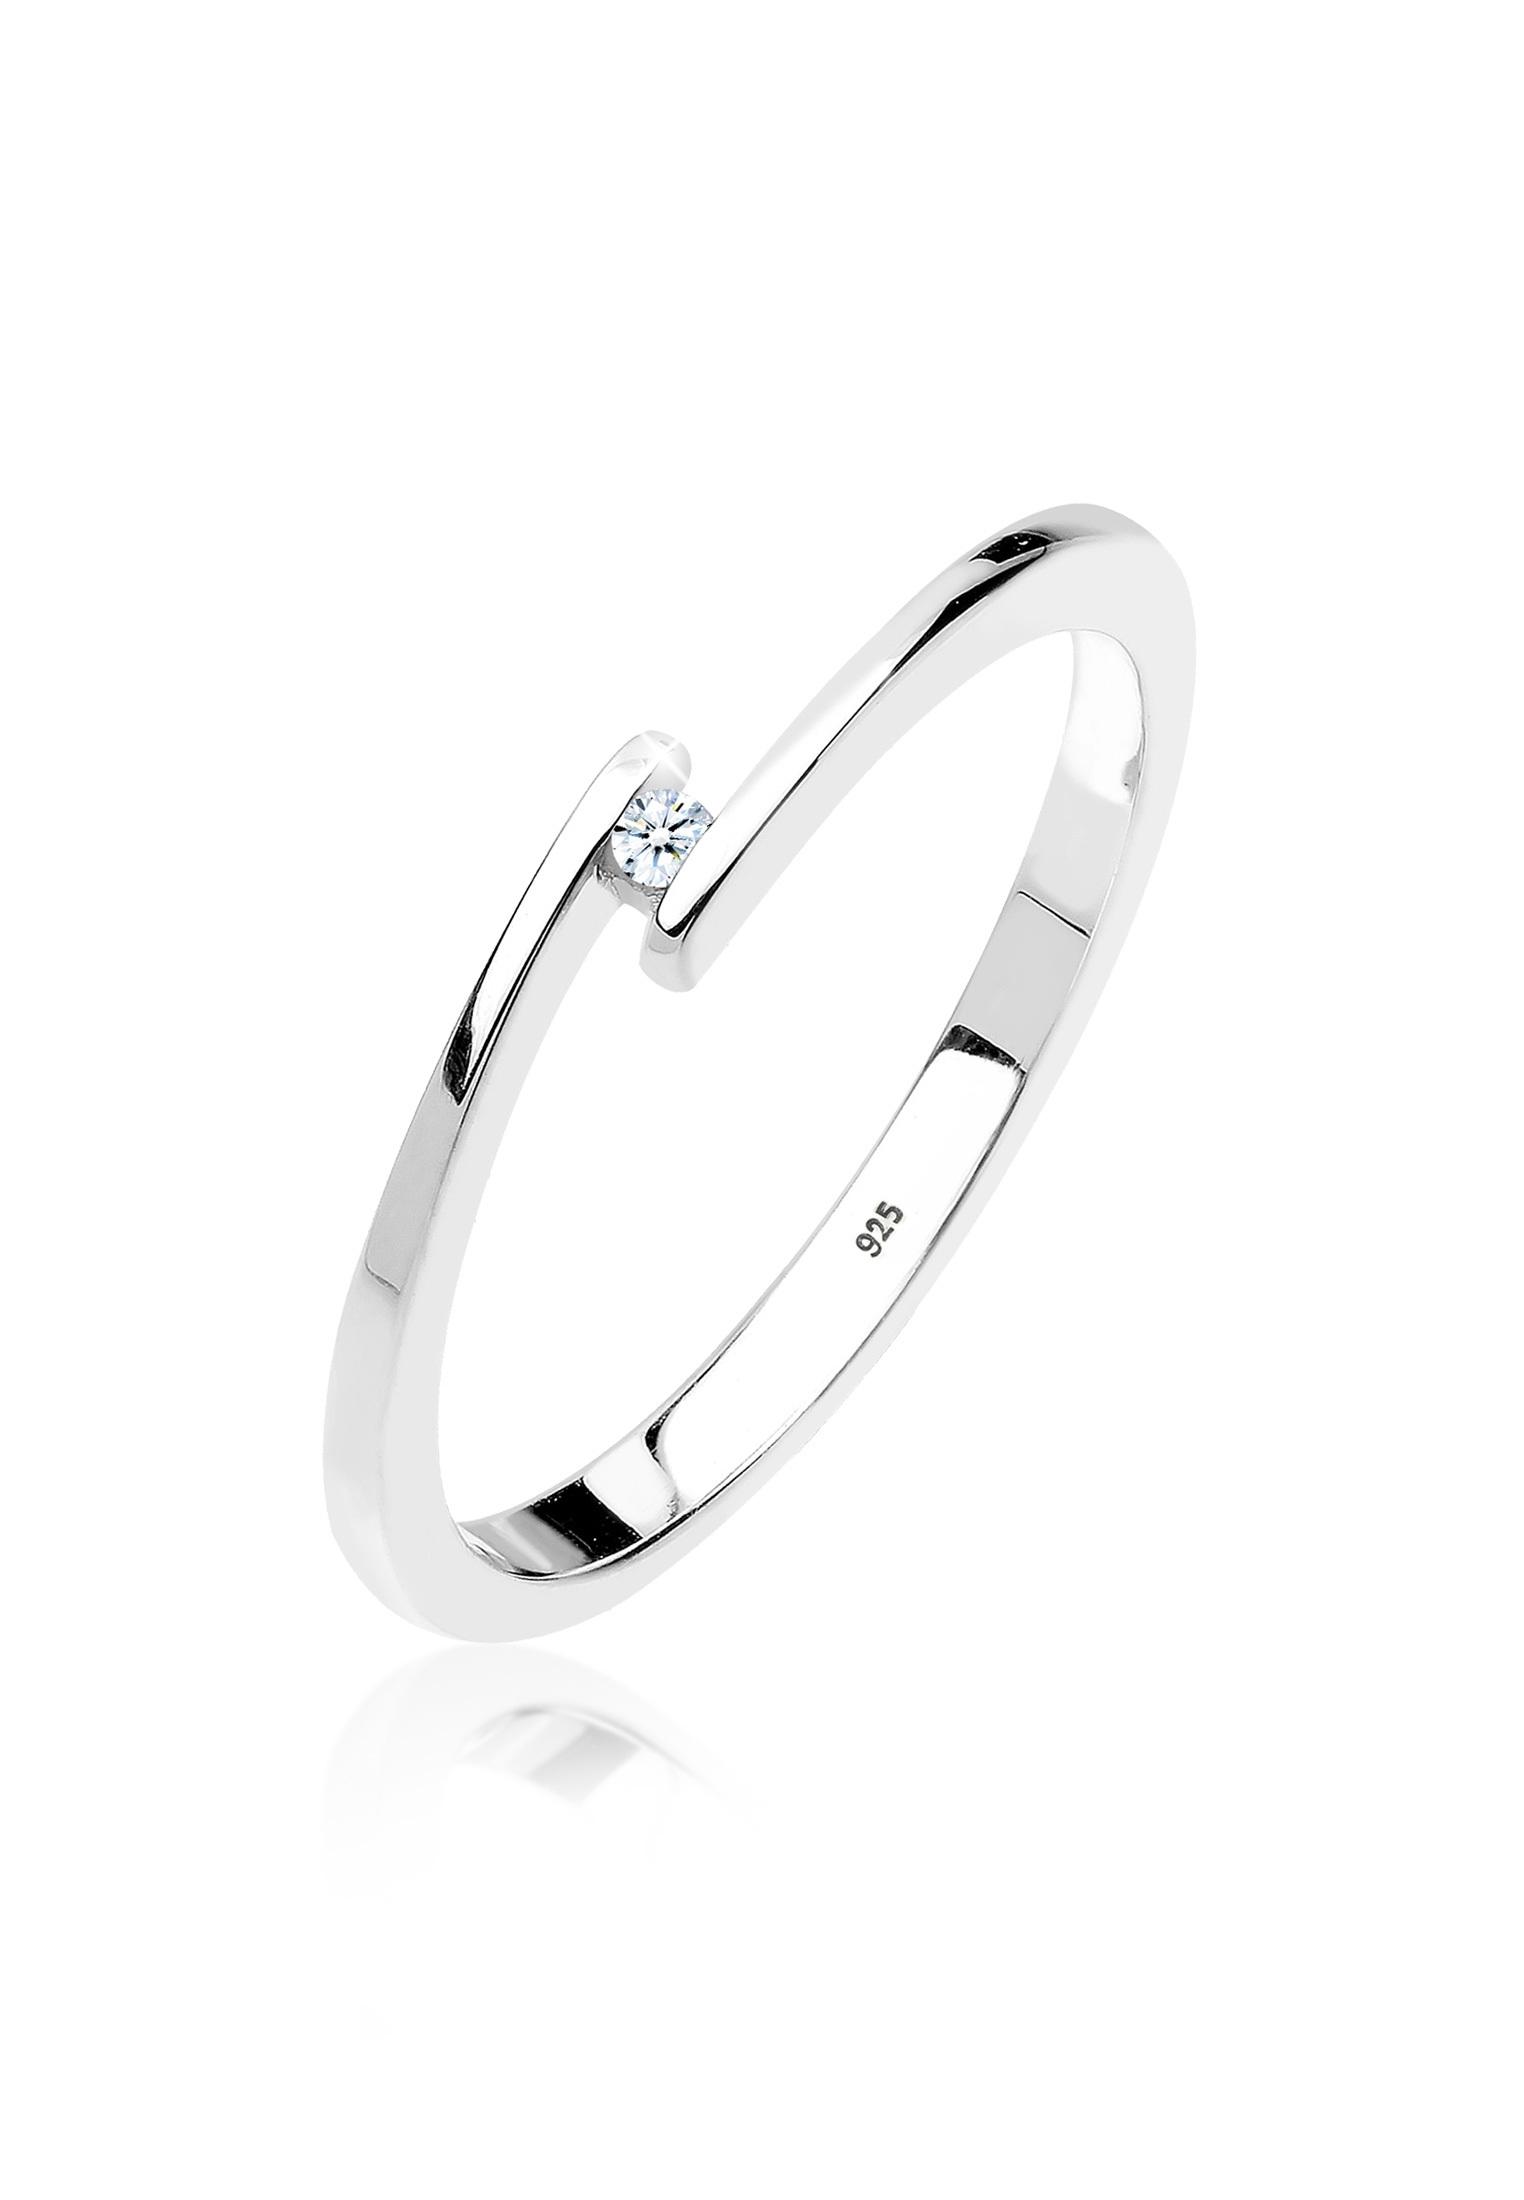 Solitär-Ring | Diamant ( Weiß, 0,015 ct ) | 925er Sterling Silber